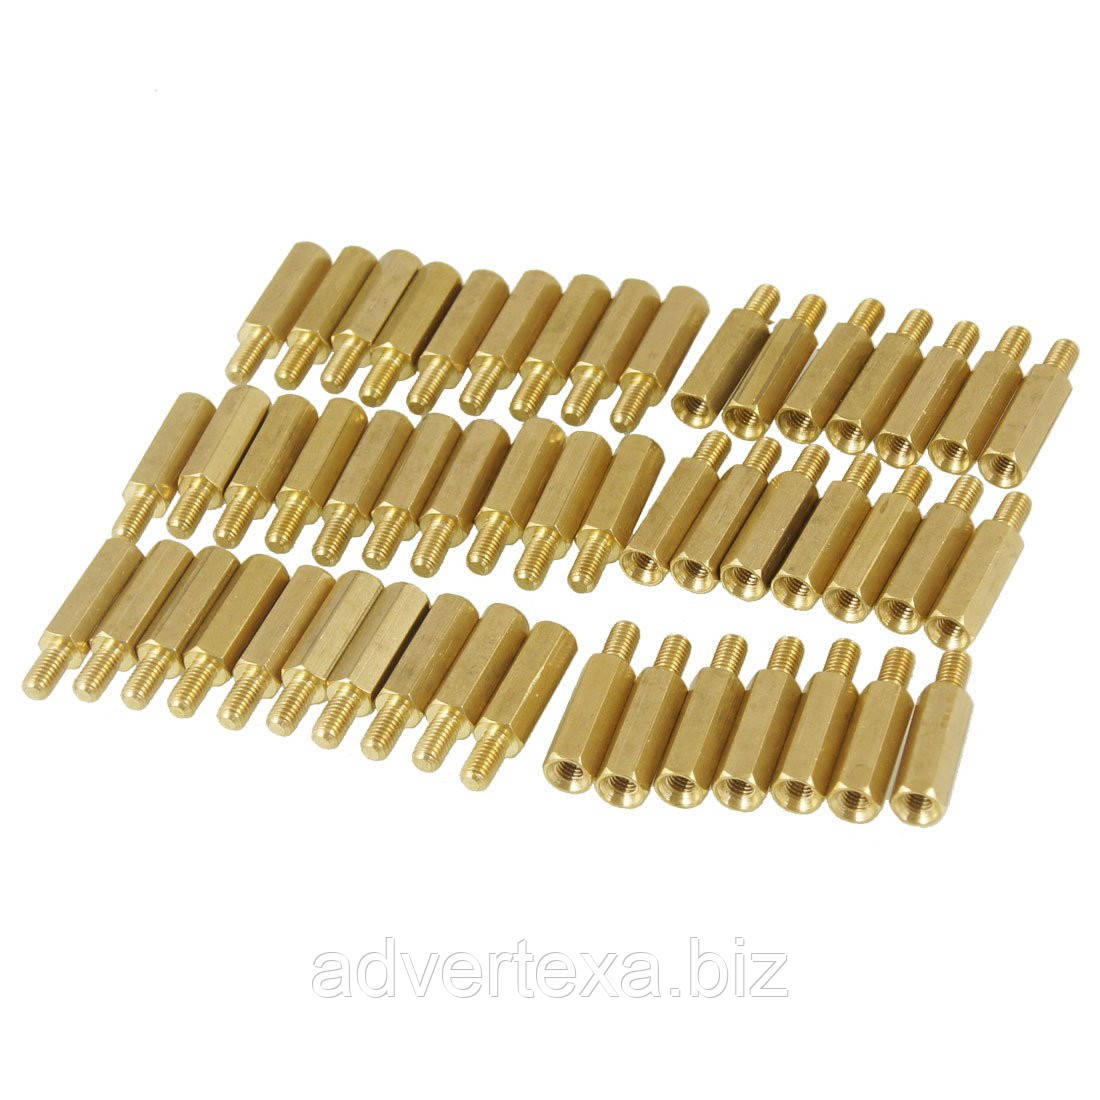 Стойка M3x25mm латунная для монтажа печатных плат pcb